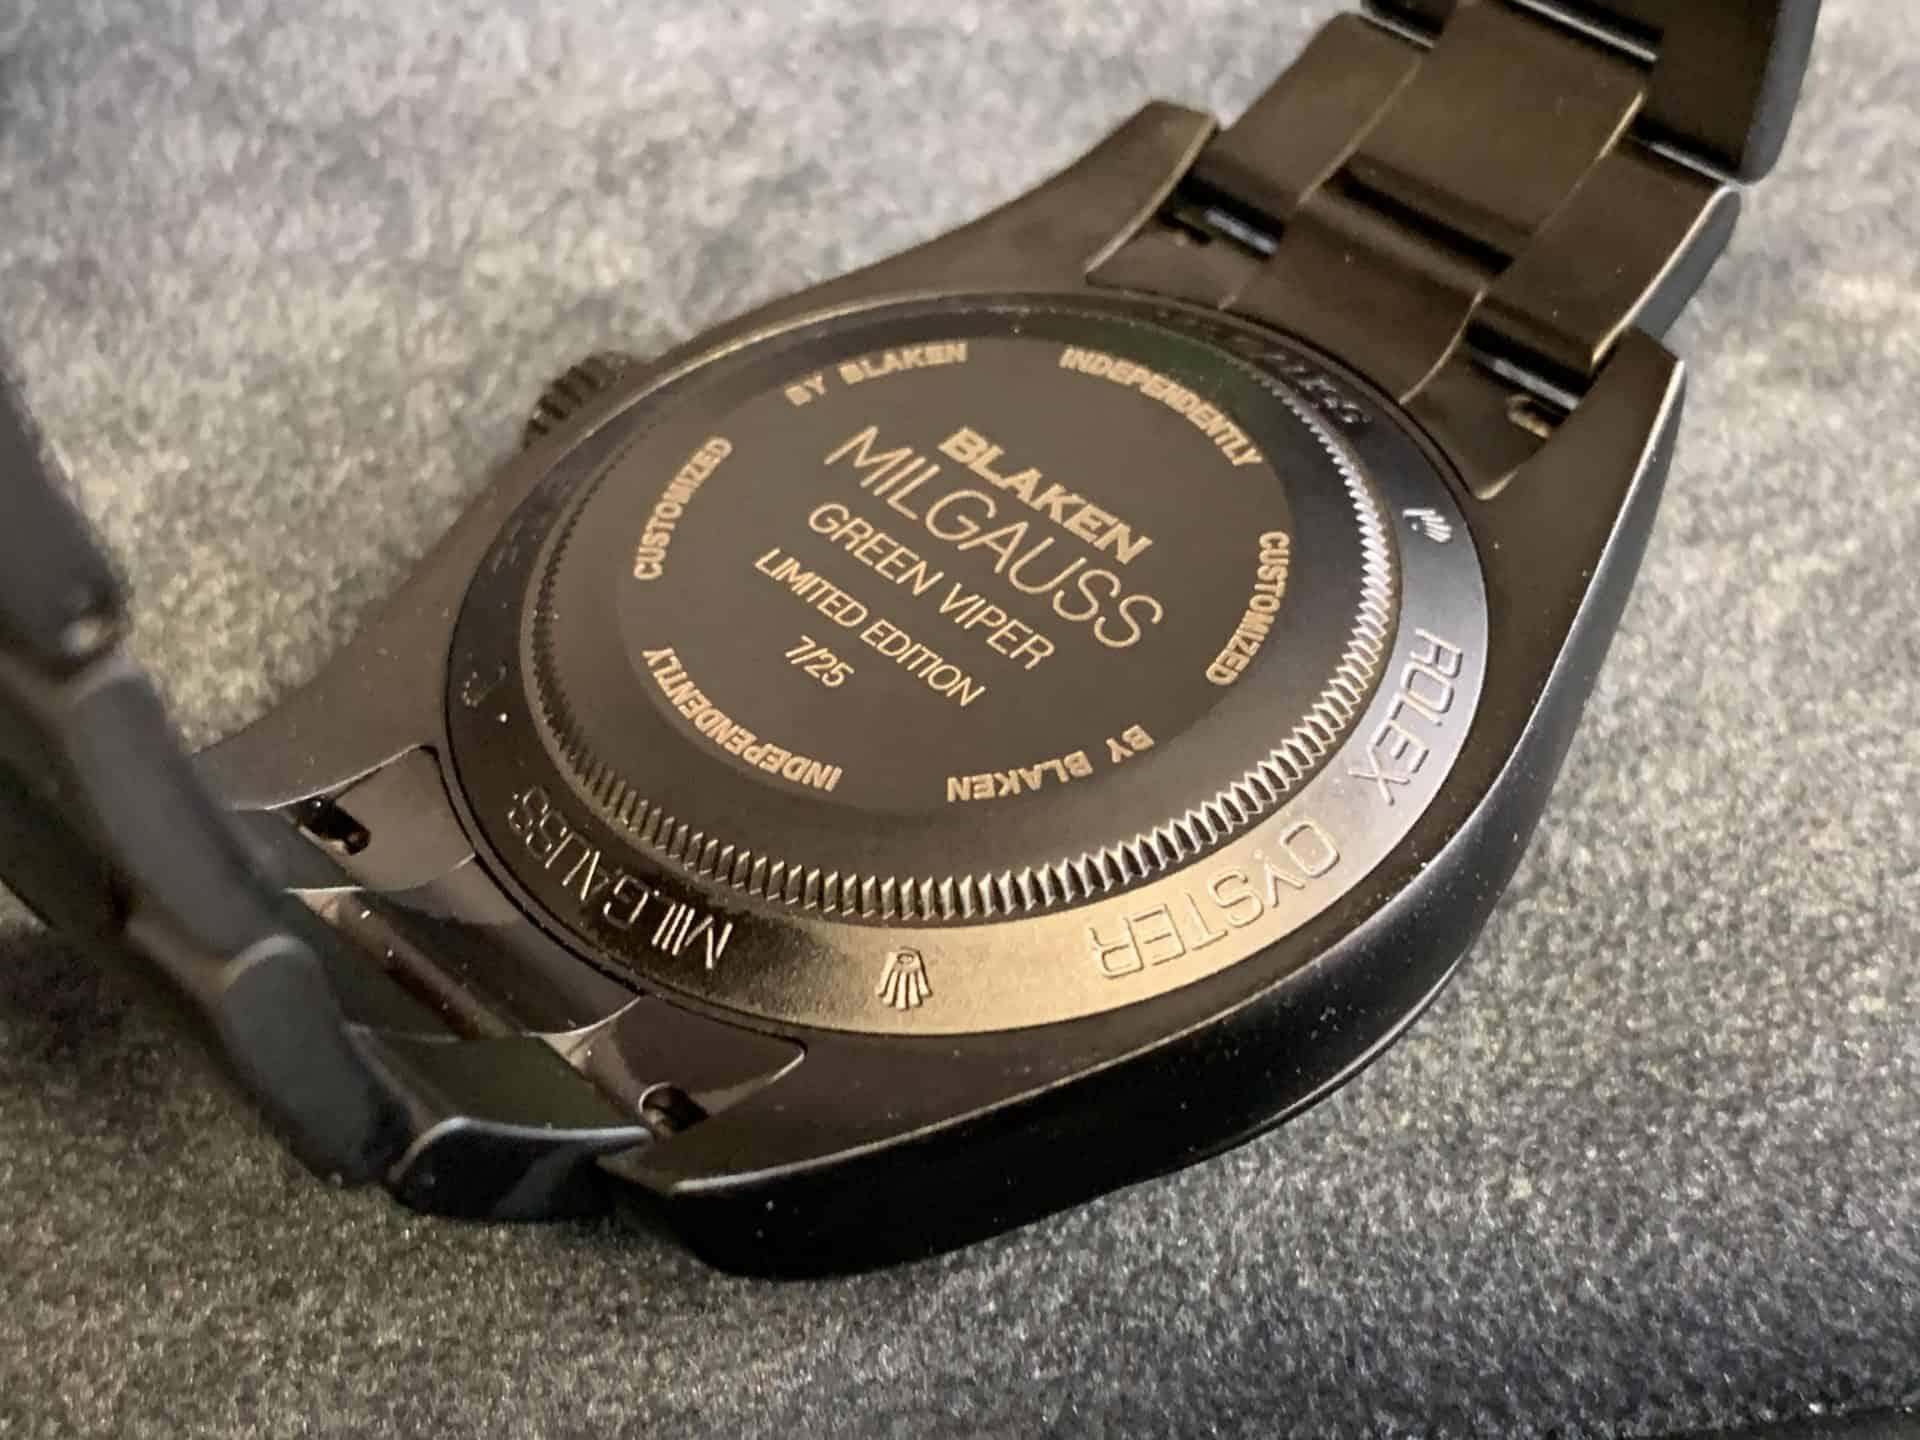 Der gravierte Boden der von Blaken getunten Rolex Oyster Perpetual Milgauss schafft Klarheit